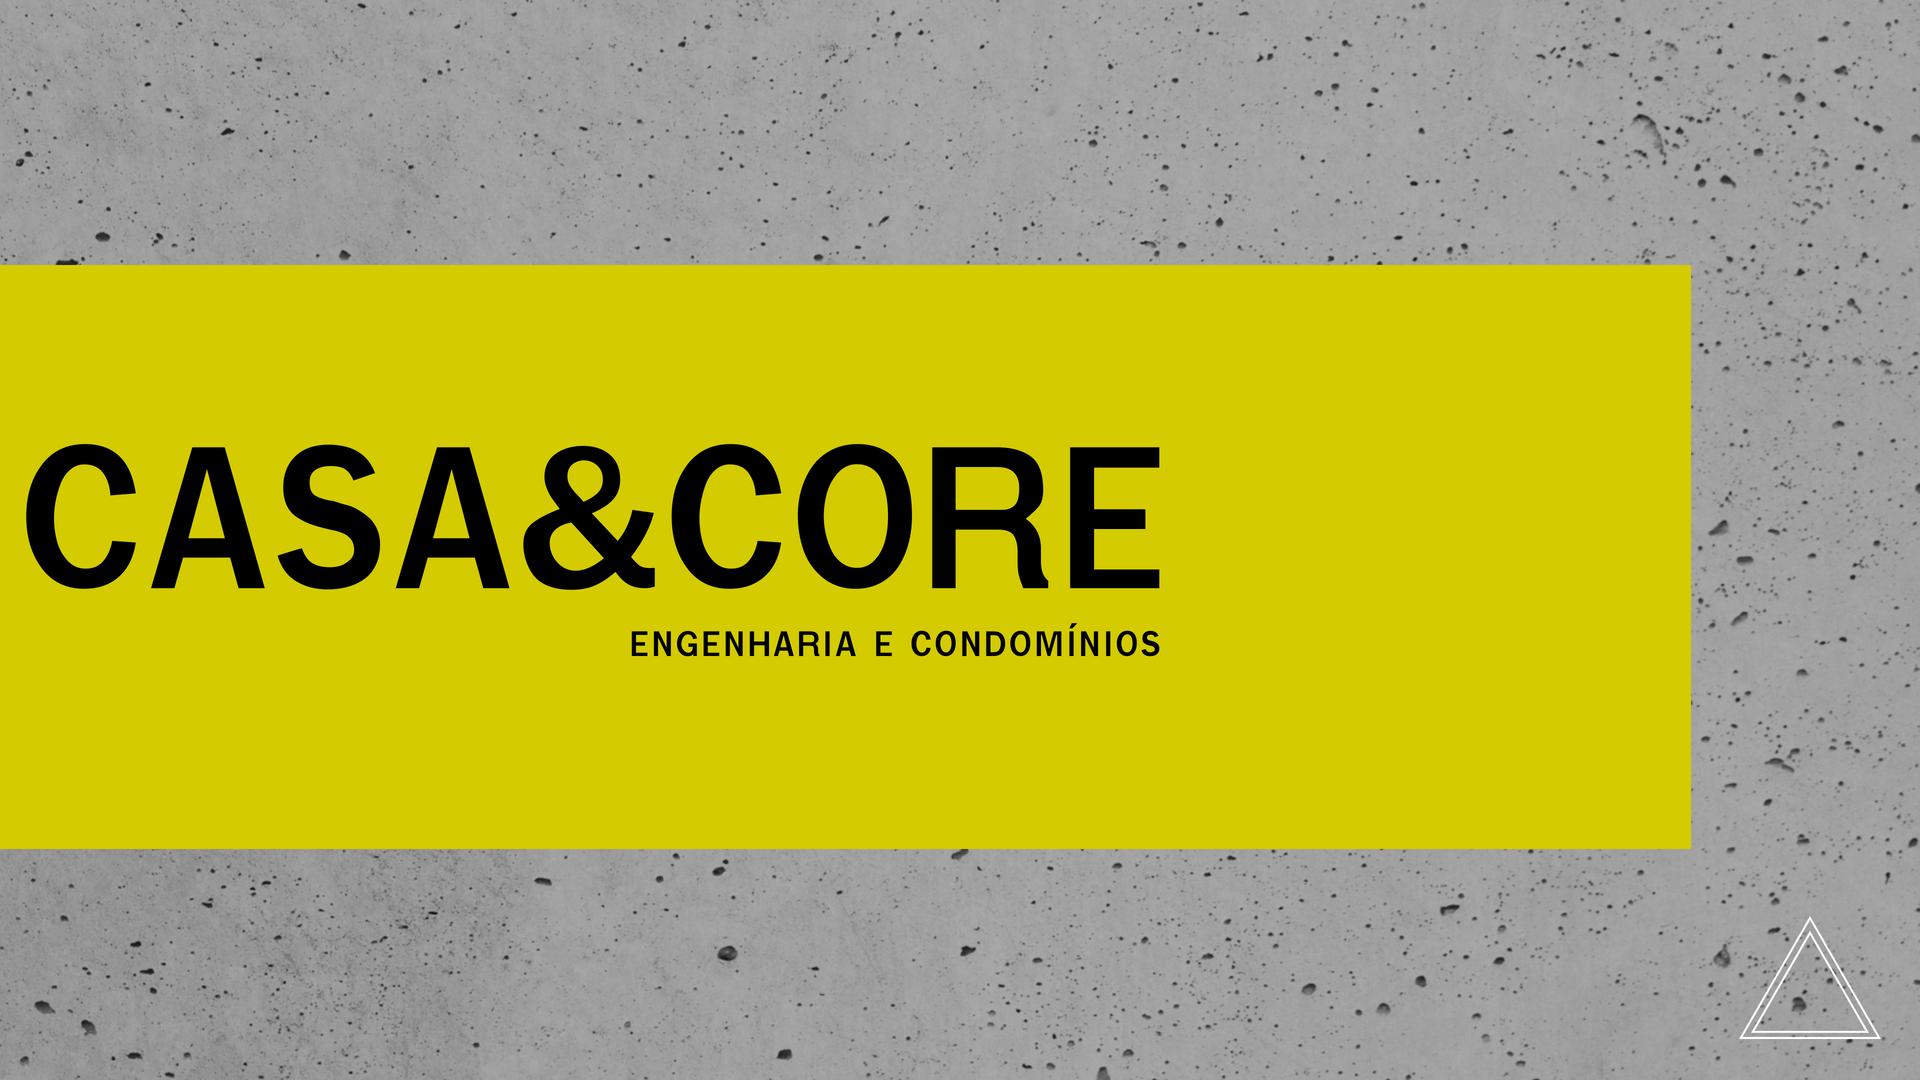 Casa&Core - Engenharia e Condomínios | Sicon